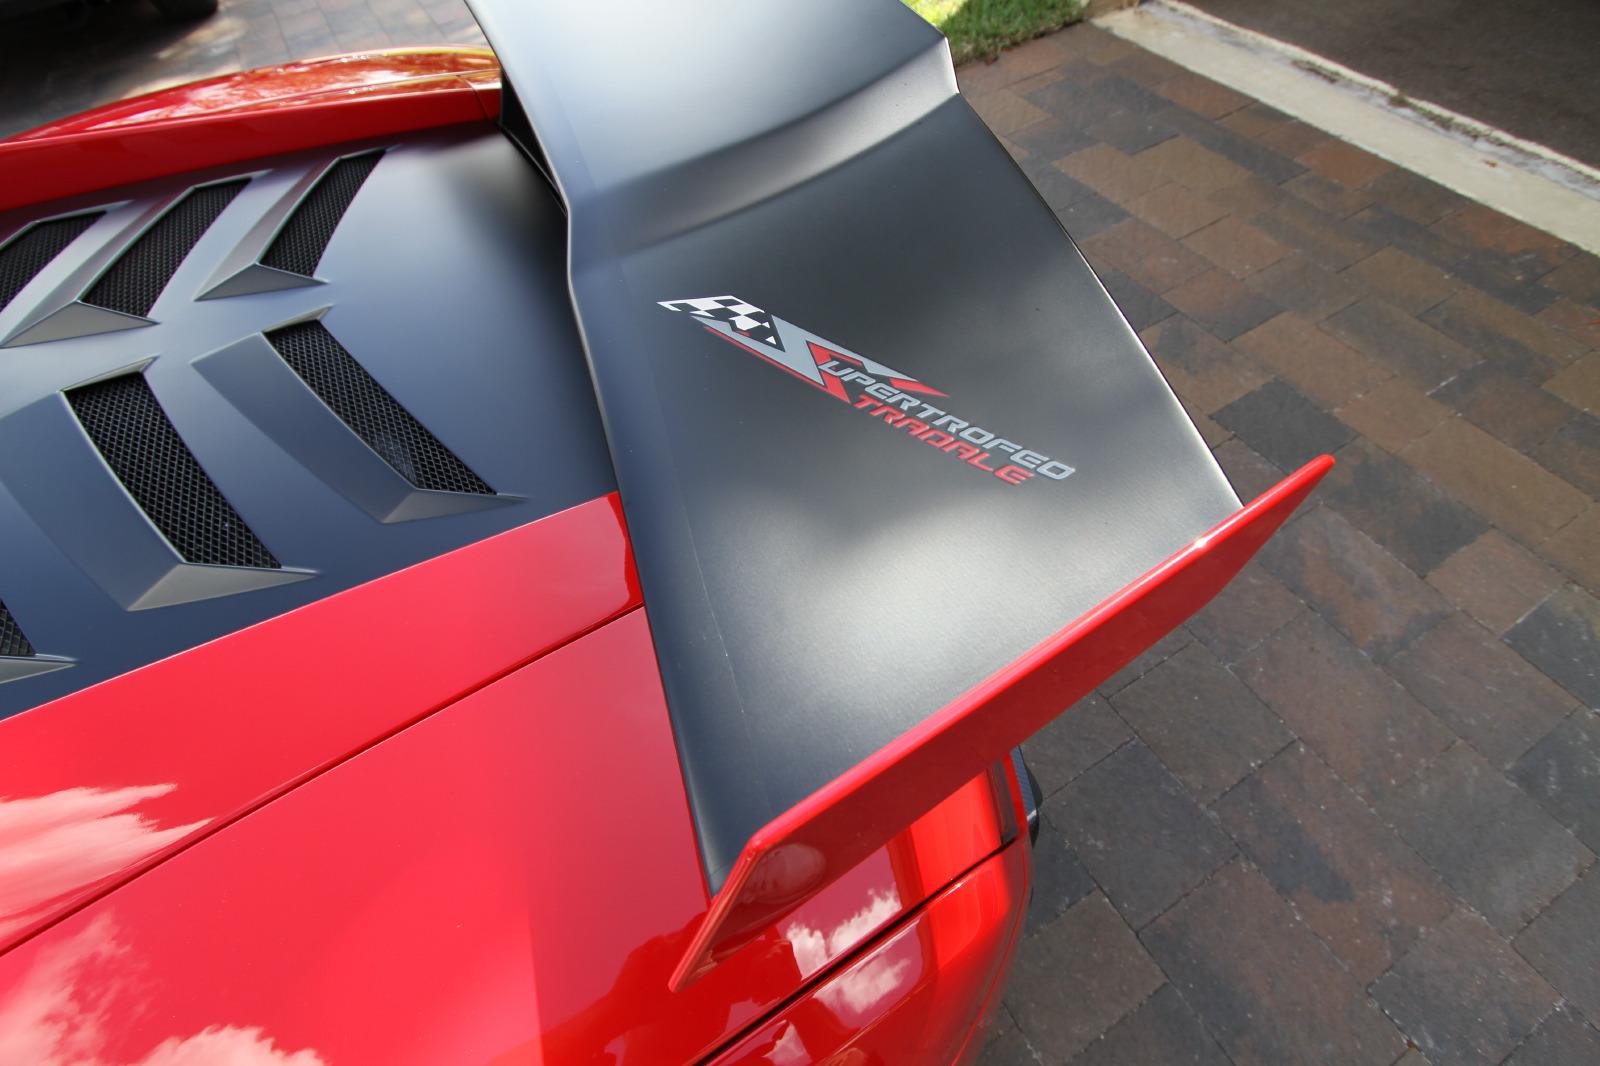 2012-lamborghini-lp570-4-super-trofeo-stradale-rosso-mars-023